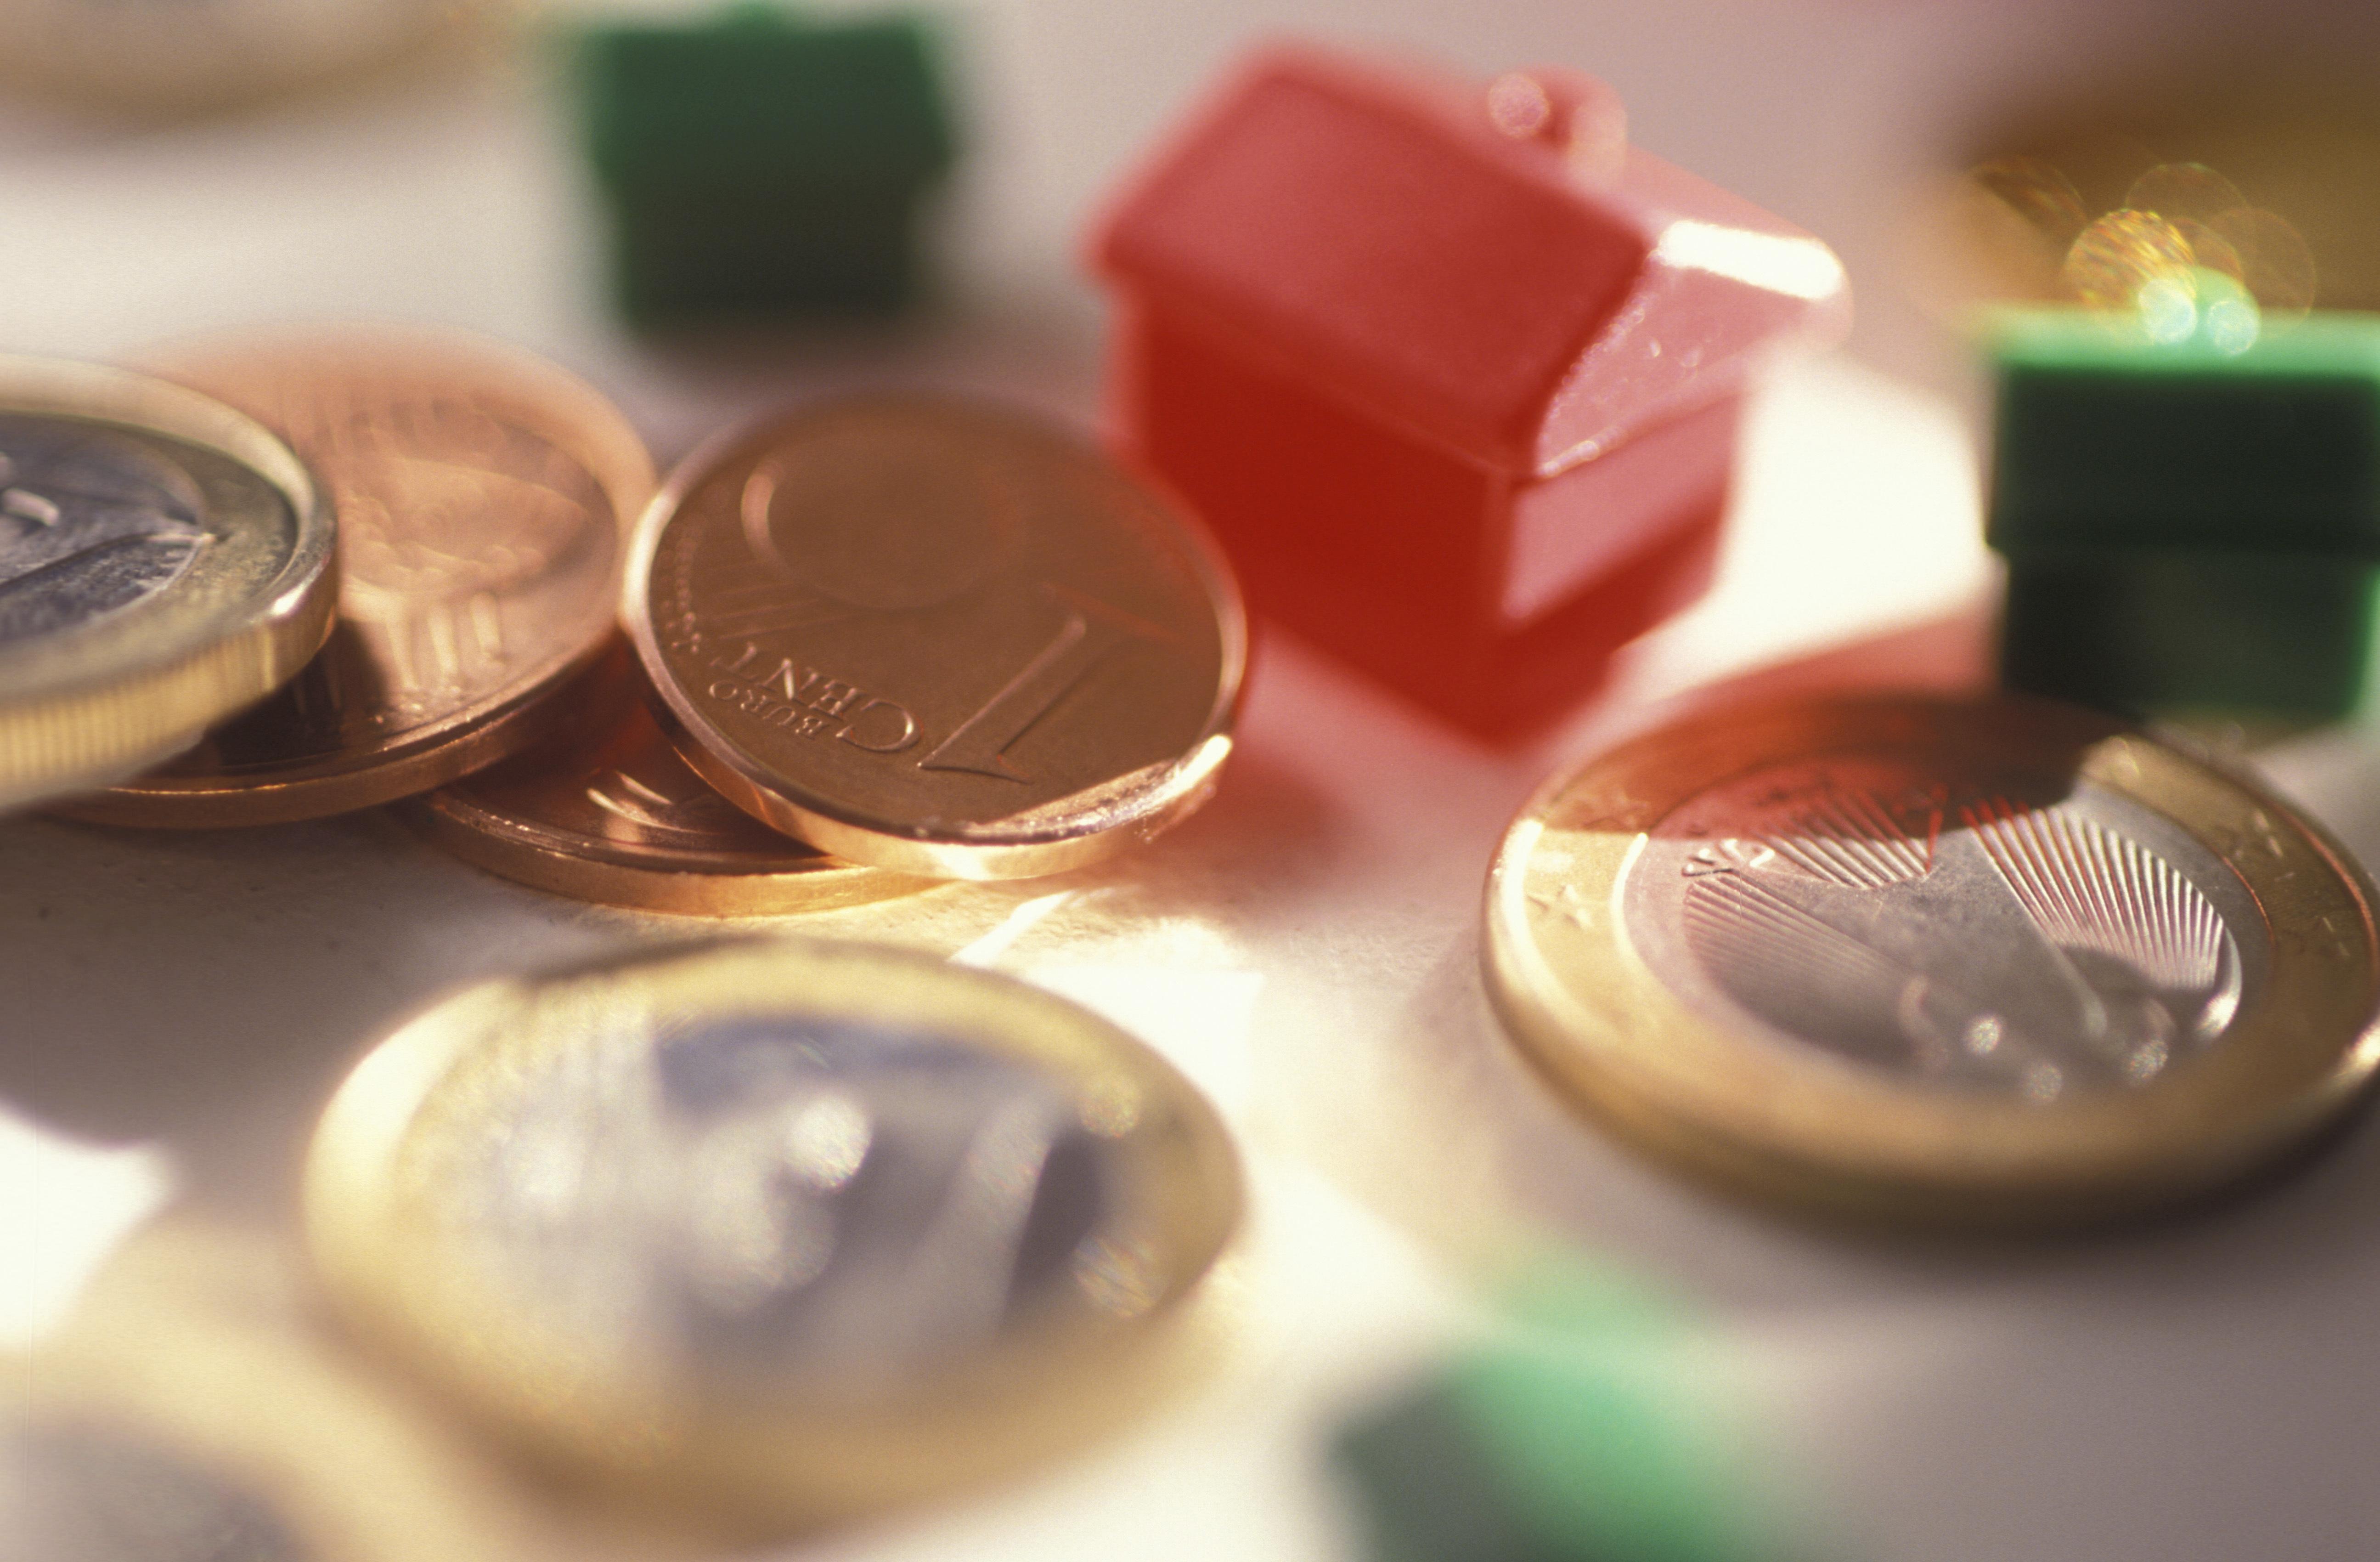 lei permite que bancos alterem as comissões ao longo da relação contratual